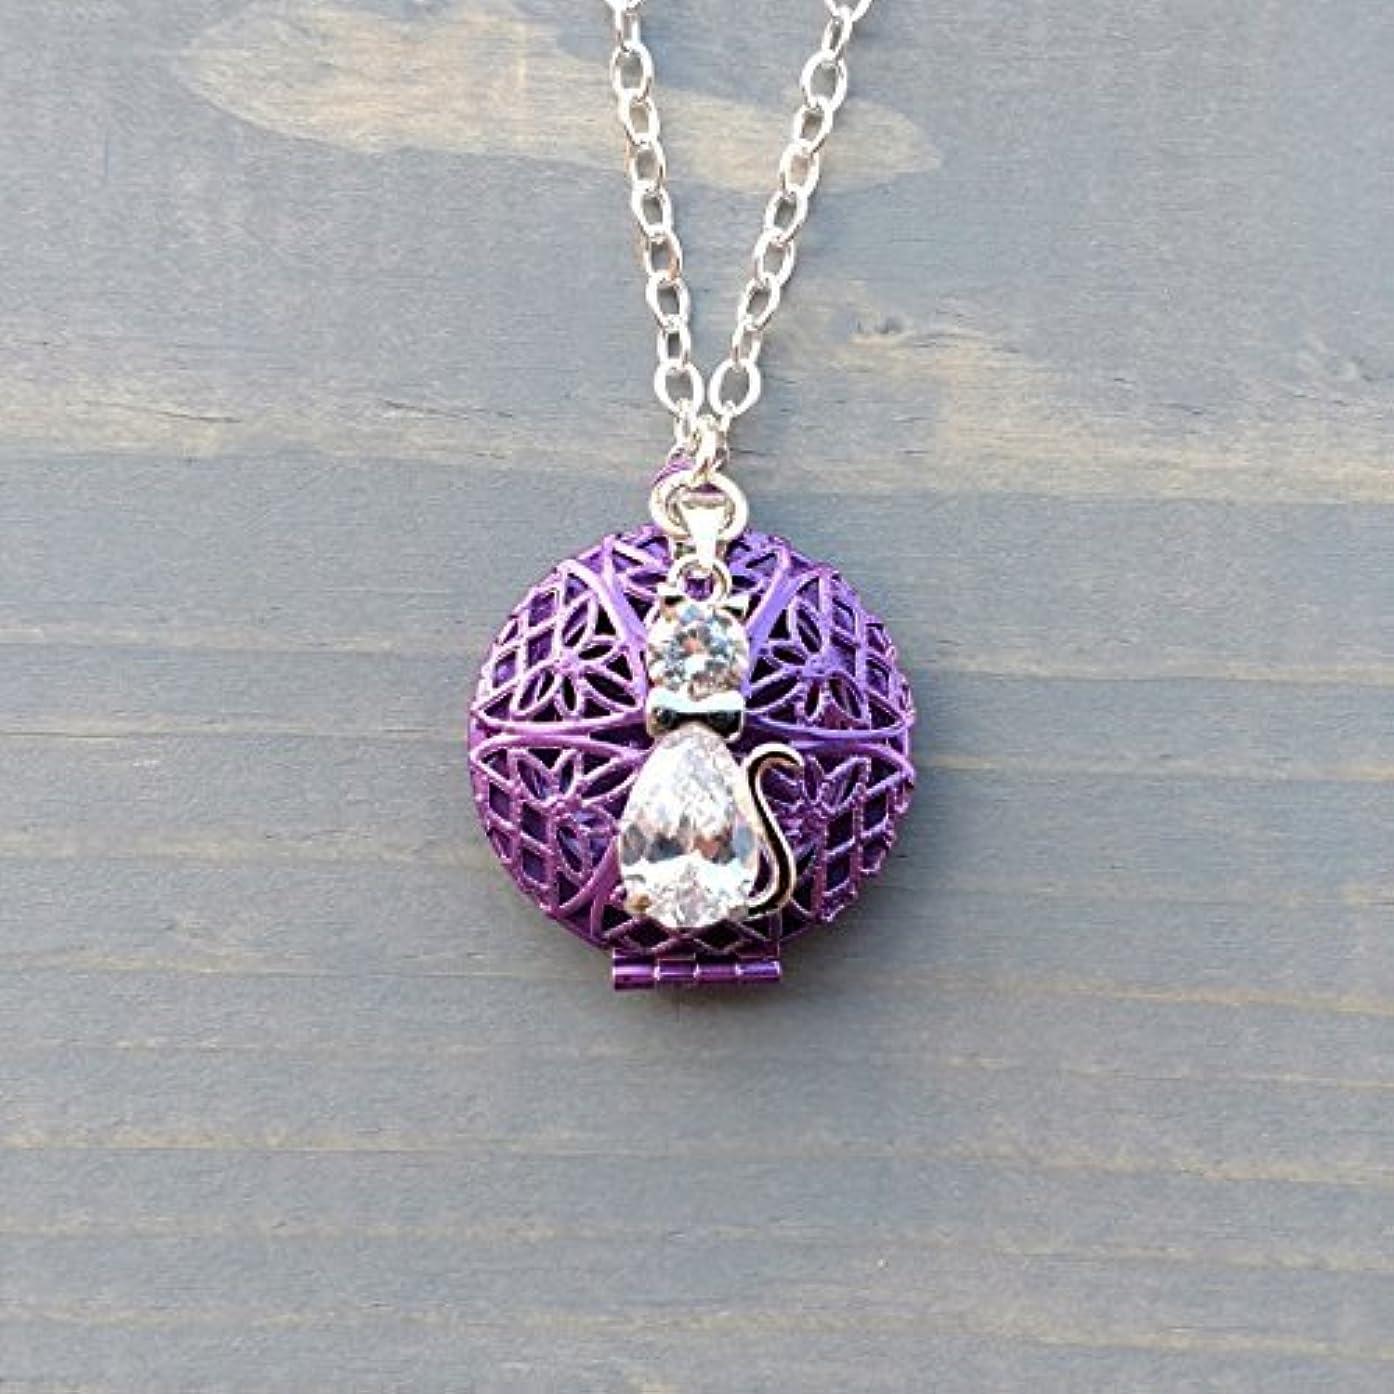 漏斗特許しかしPurple Tuxedo Cat Girl's Aromatherapy Necklace Essential Oil Diffuser Locket Pendant Jewelry for Children w/reusable...